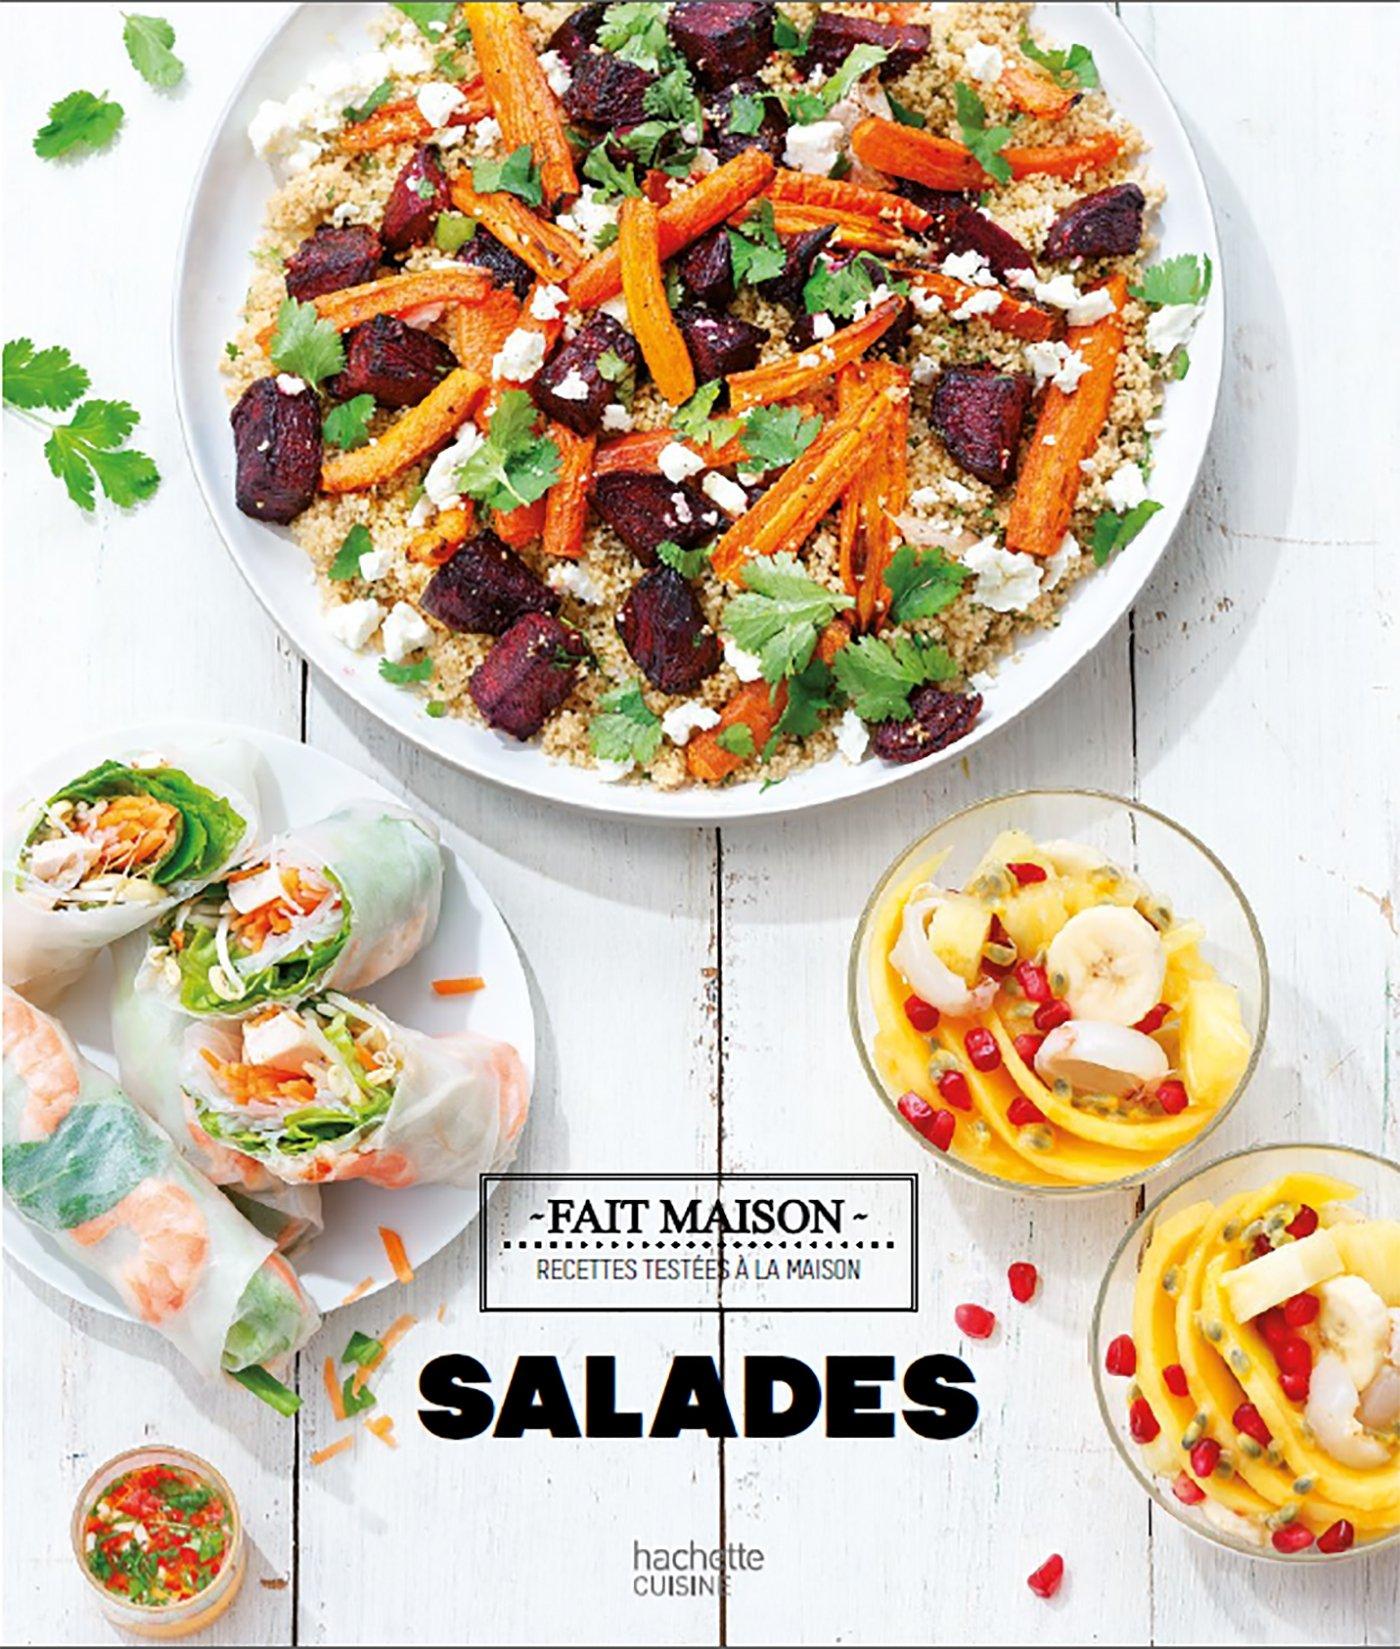 Fait Maison Salades Cuisine French Edition Isabelle Guerre Hachette 9782011713940 Amazon Com Books